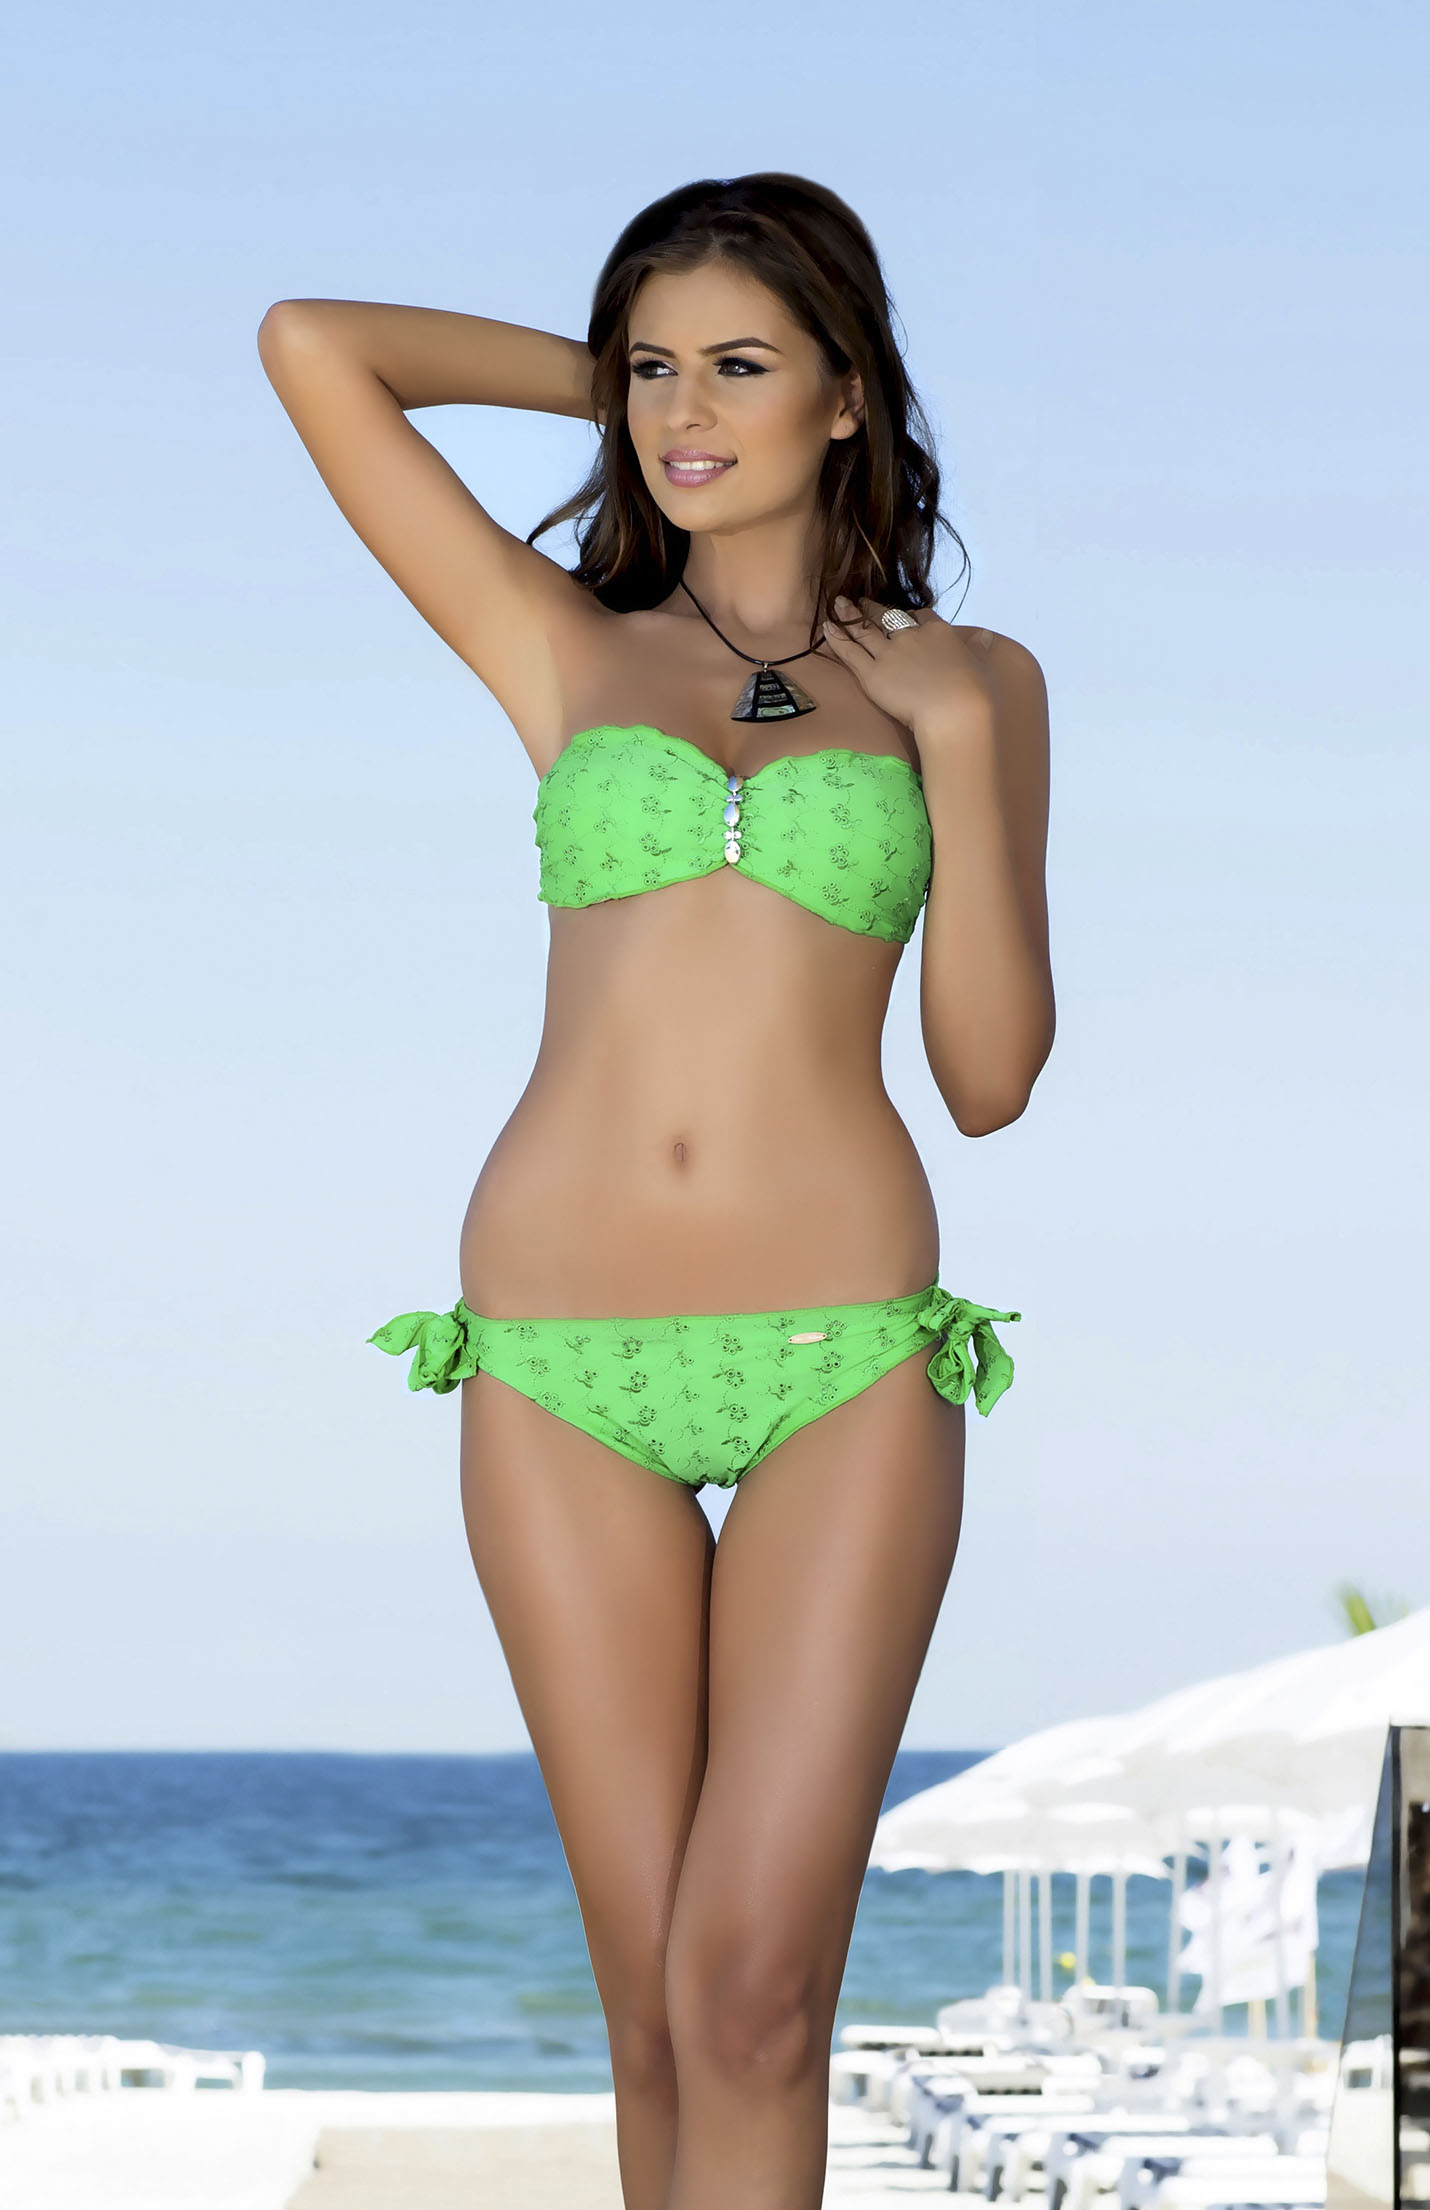 Girl wearing shiny green bikini topic opinion